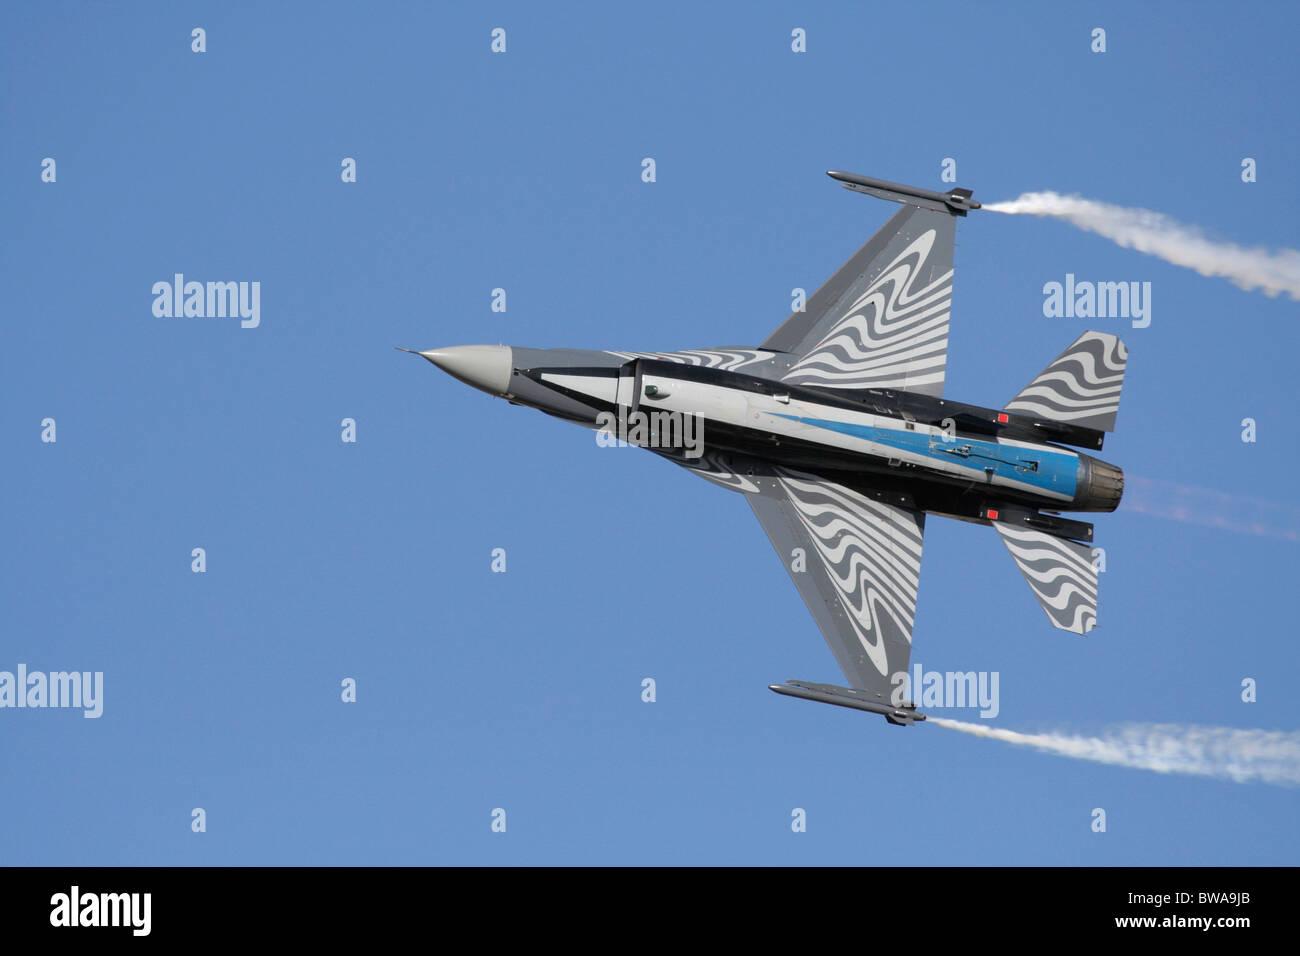 Avion de chasse F-16 belge volant dans le ciel pendant une exposition aérienne. Vue de dessous. Composition décentrée avec espace de copie. Banque D'Images